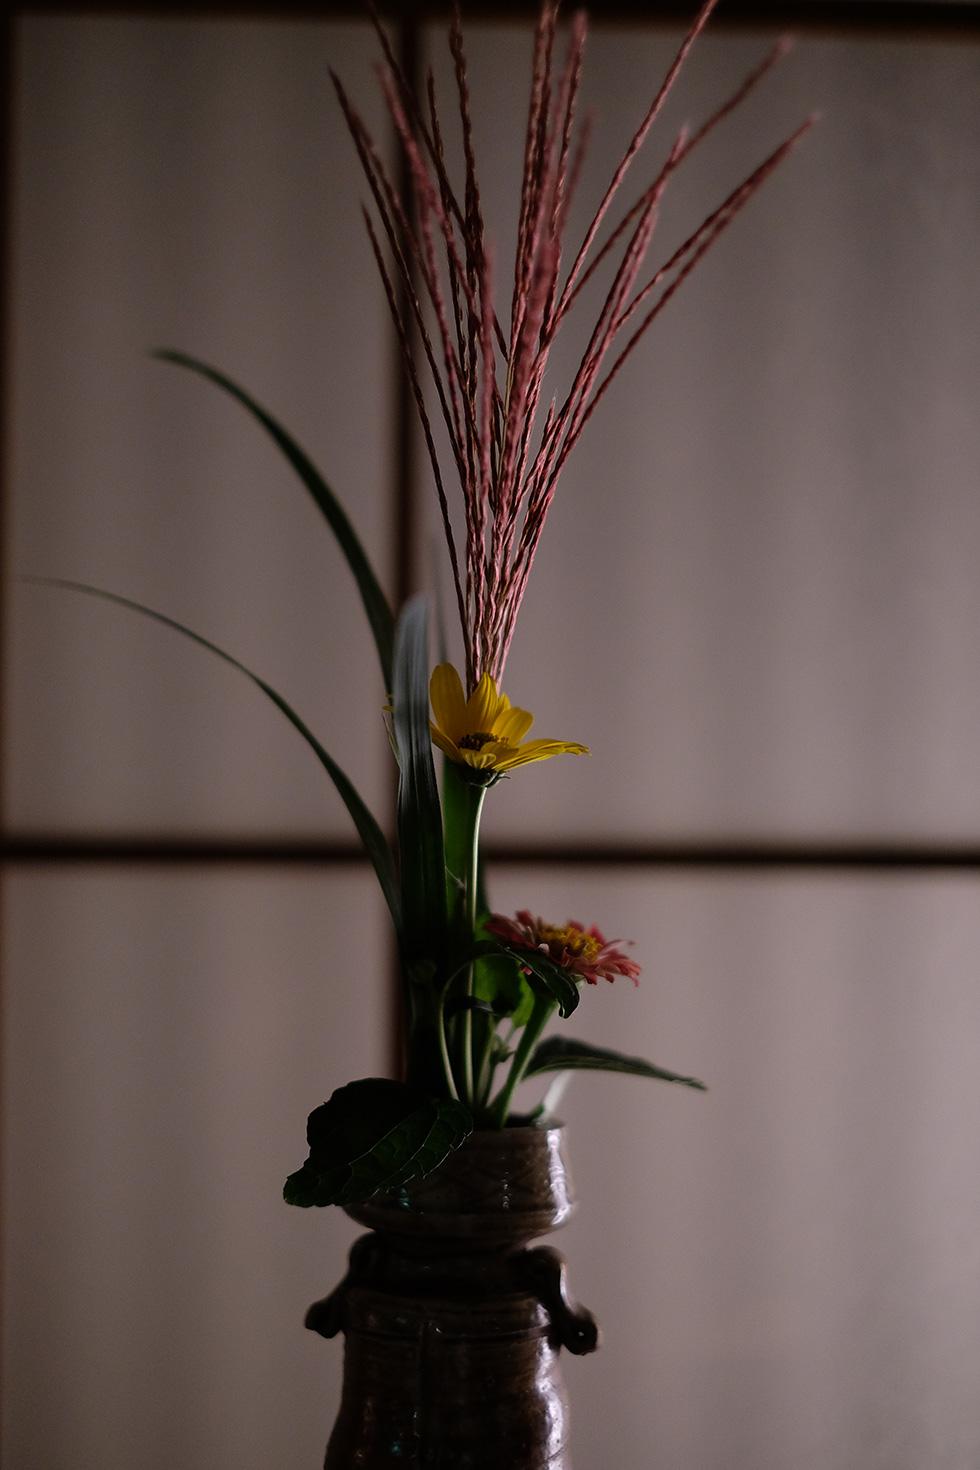 かんすい苑覚楽、湯上がり処の生け花